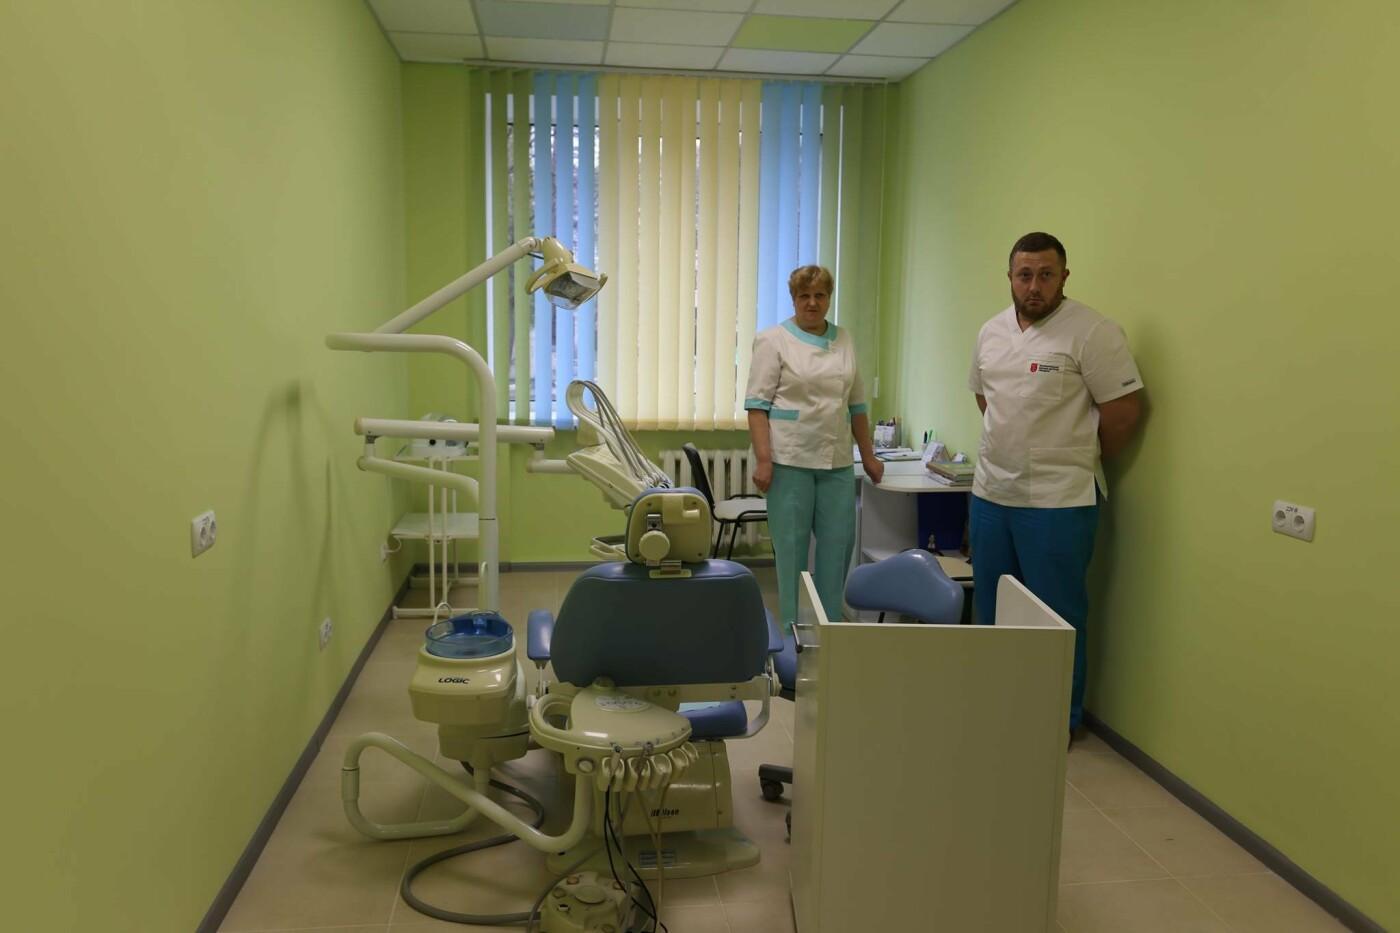 Міська дитяча стоматологія отримала нове приміщення та обладнання, фото-1